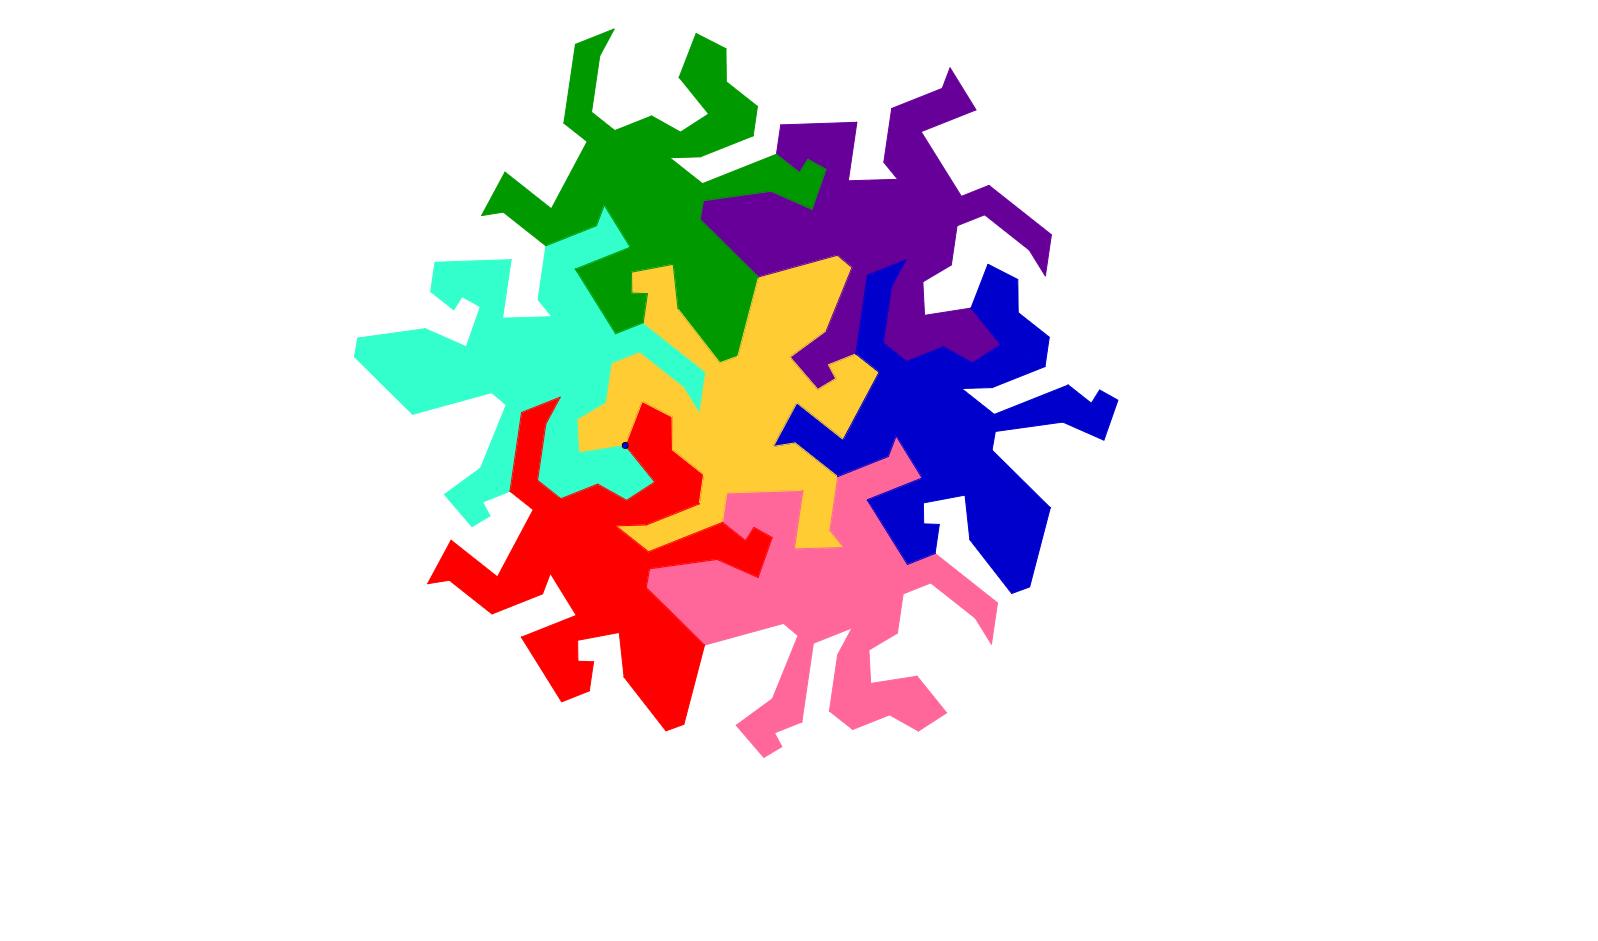 Copie de Lagarto de Escher